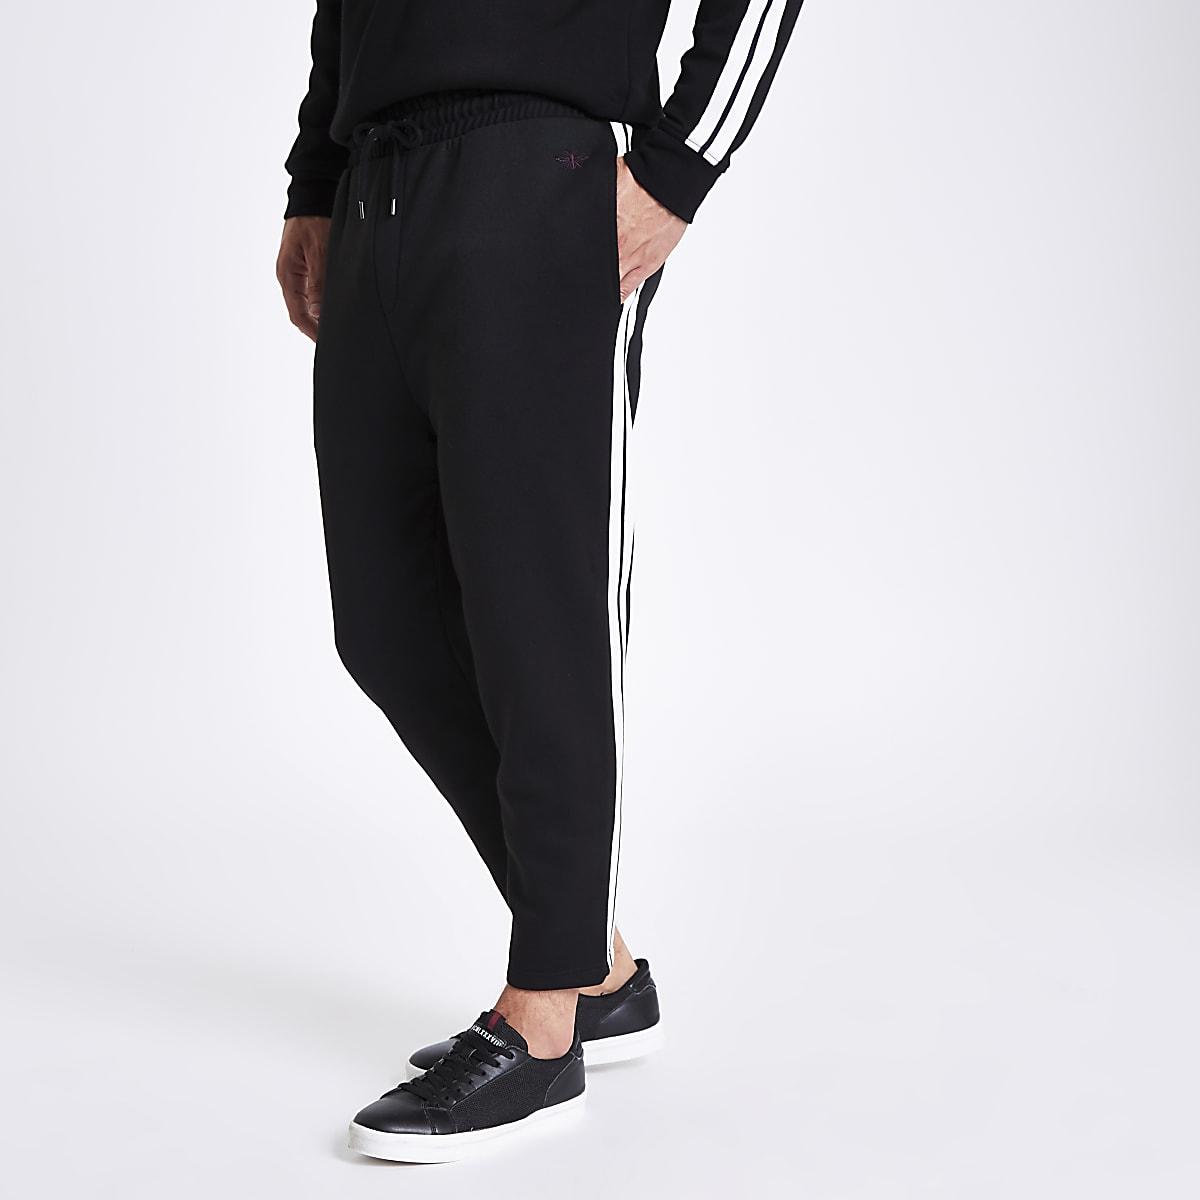 Pantalon de jogging slim noir avec bande latérale